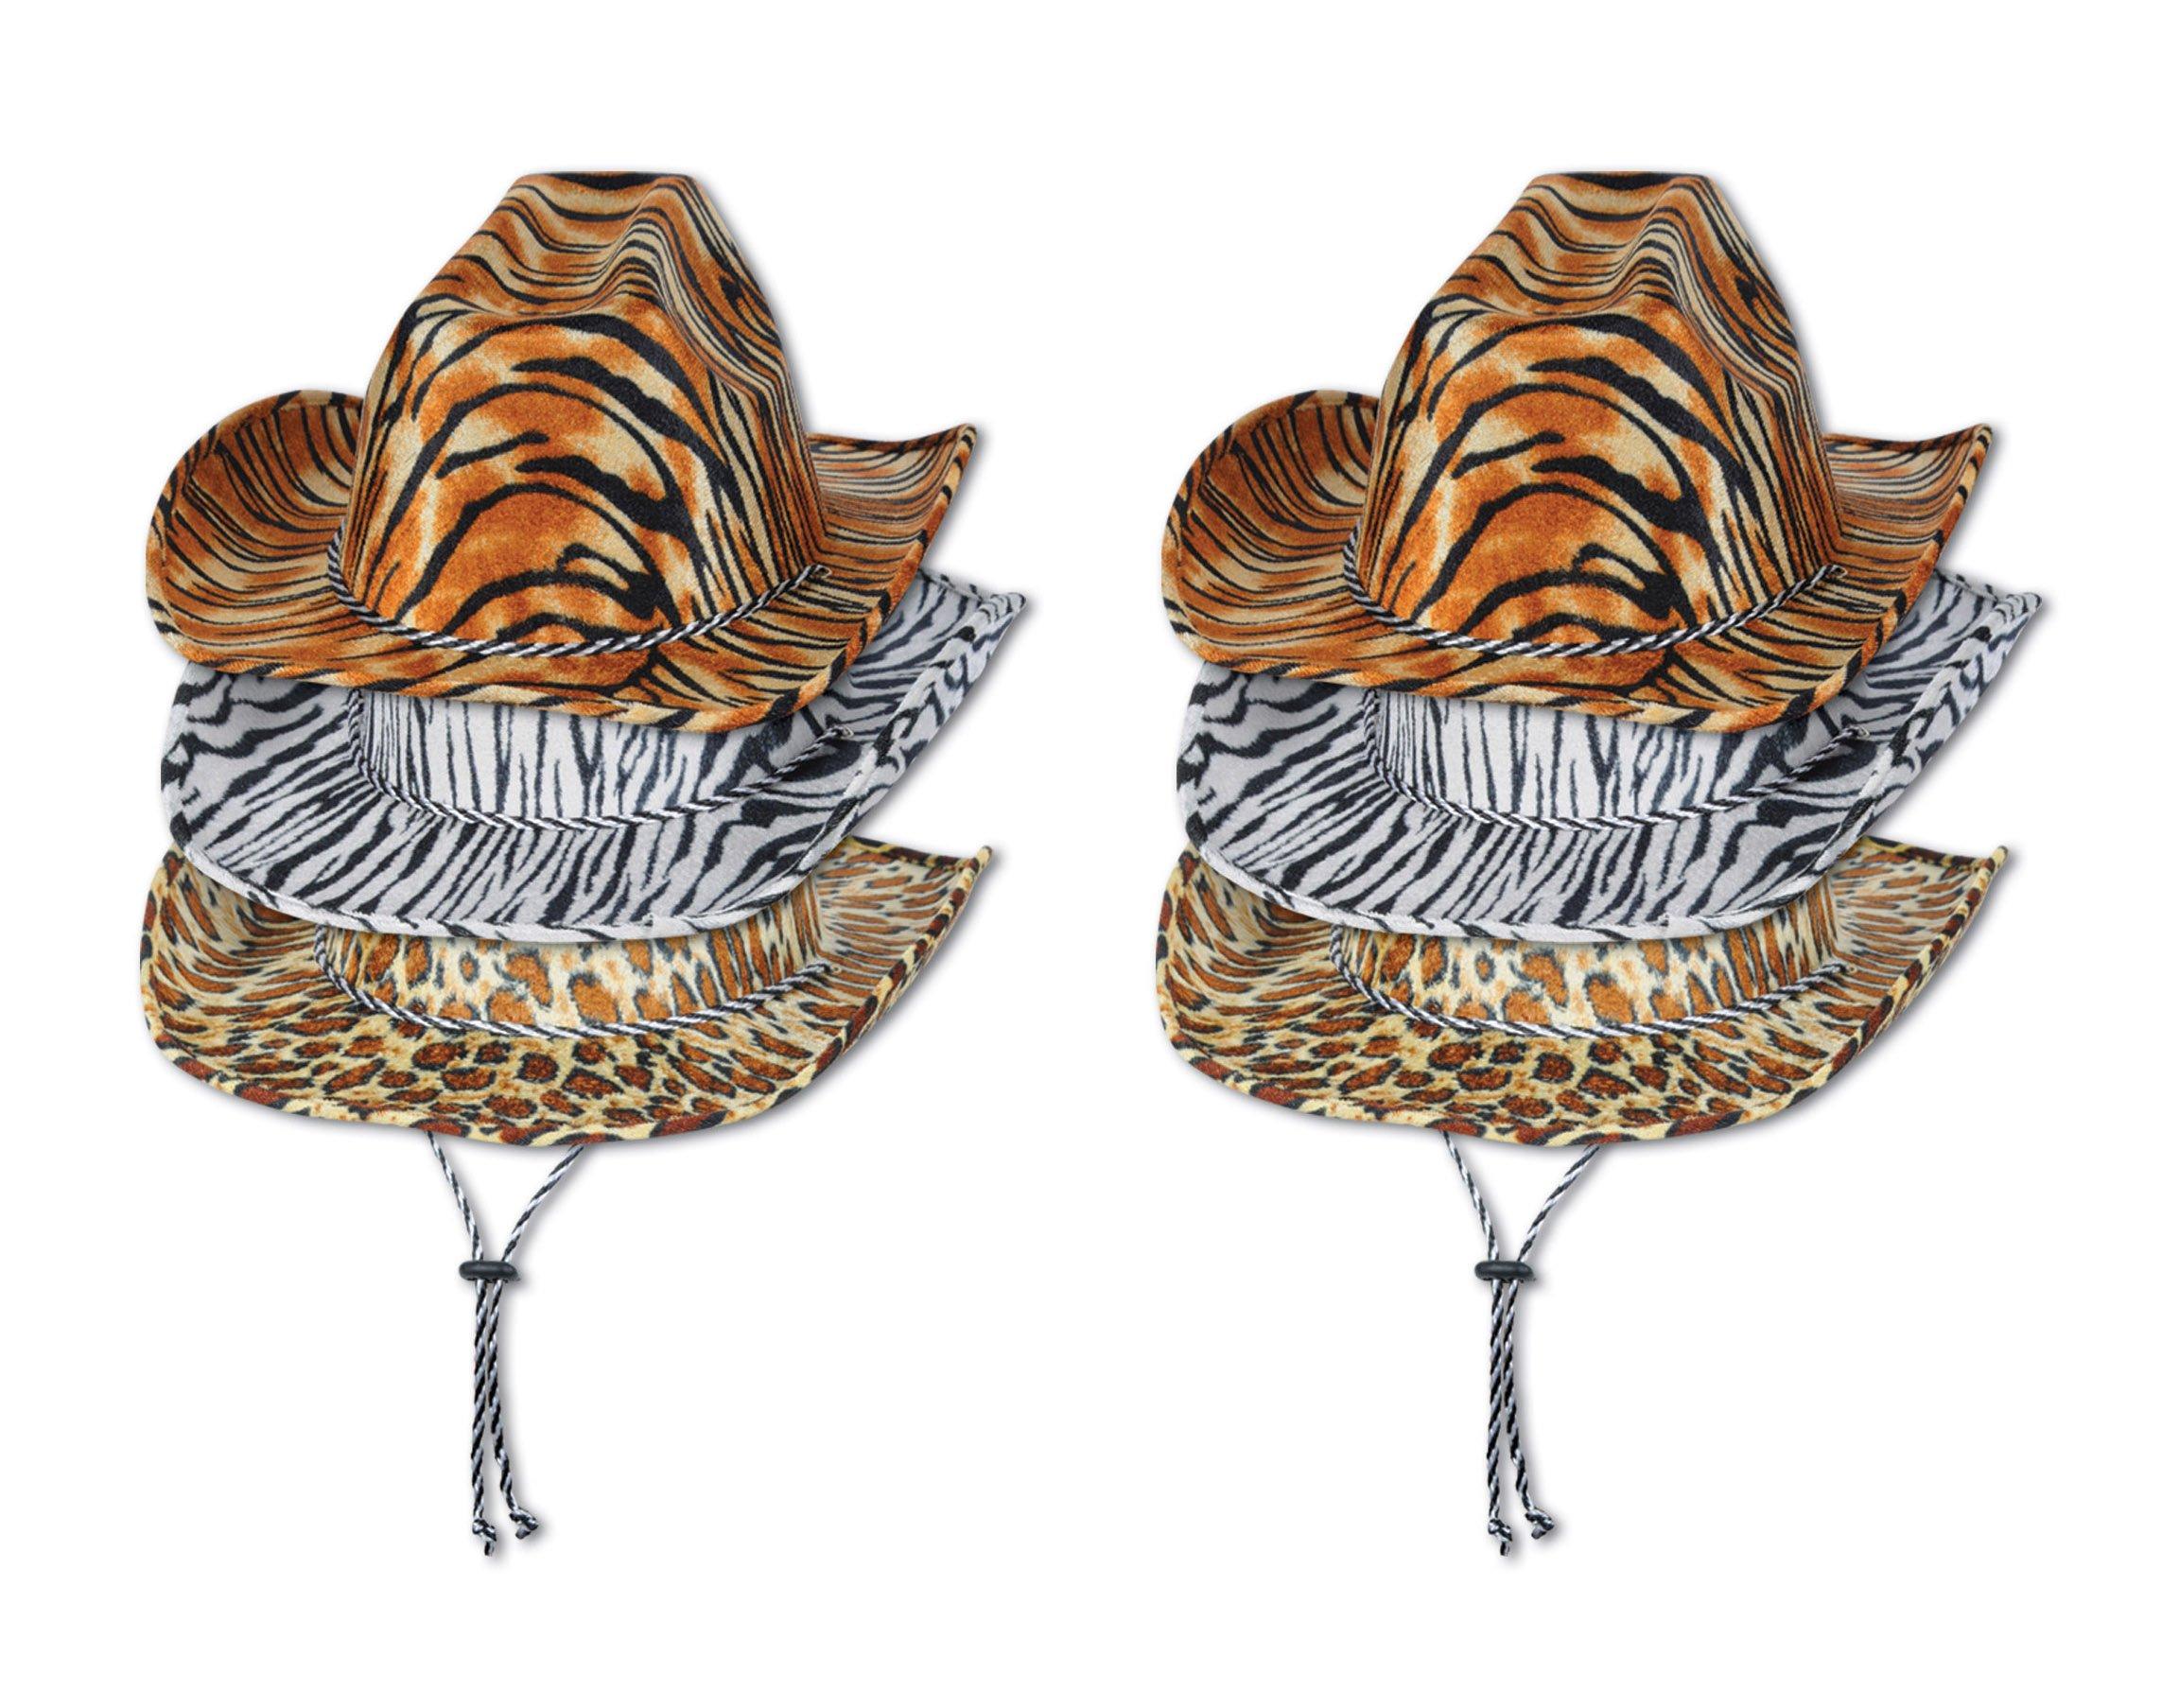 Beistle 60720 6-Piece ASST Animal Print Cowboy Hats